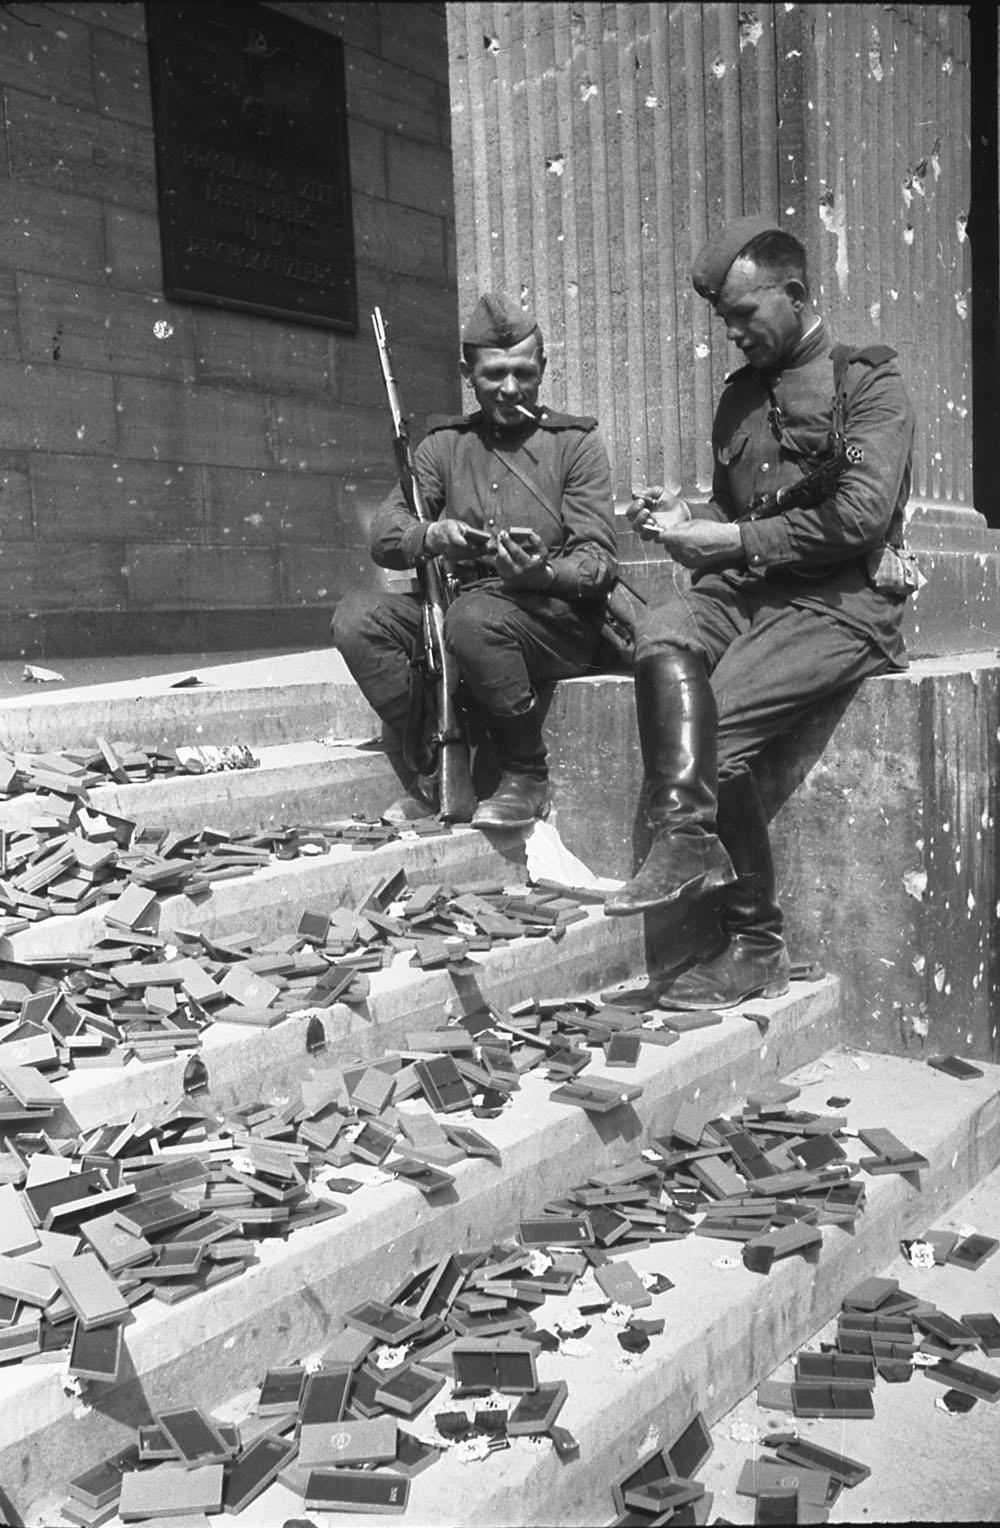 1945. Советские солдаты, отдыхая на ступенях рейхсканцелярии, рассматривают немецкие награды, которые так и не были вручены. Берлин. 2 мая